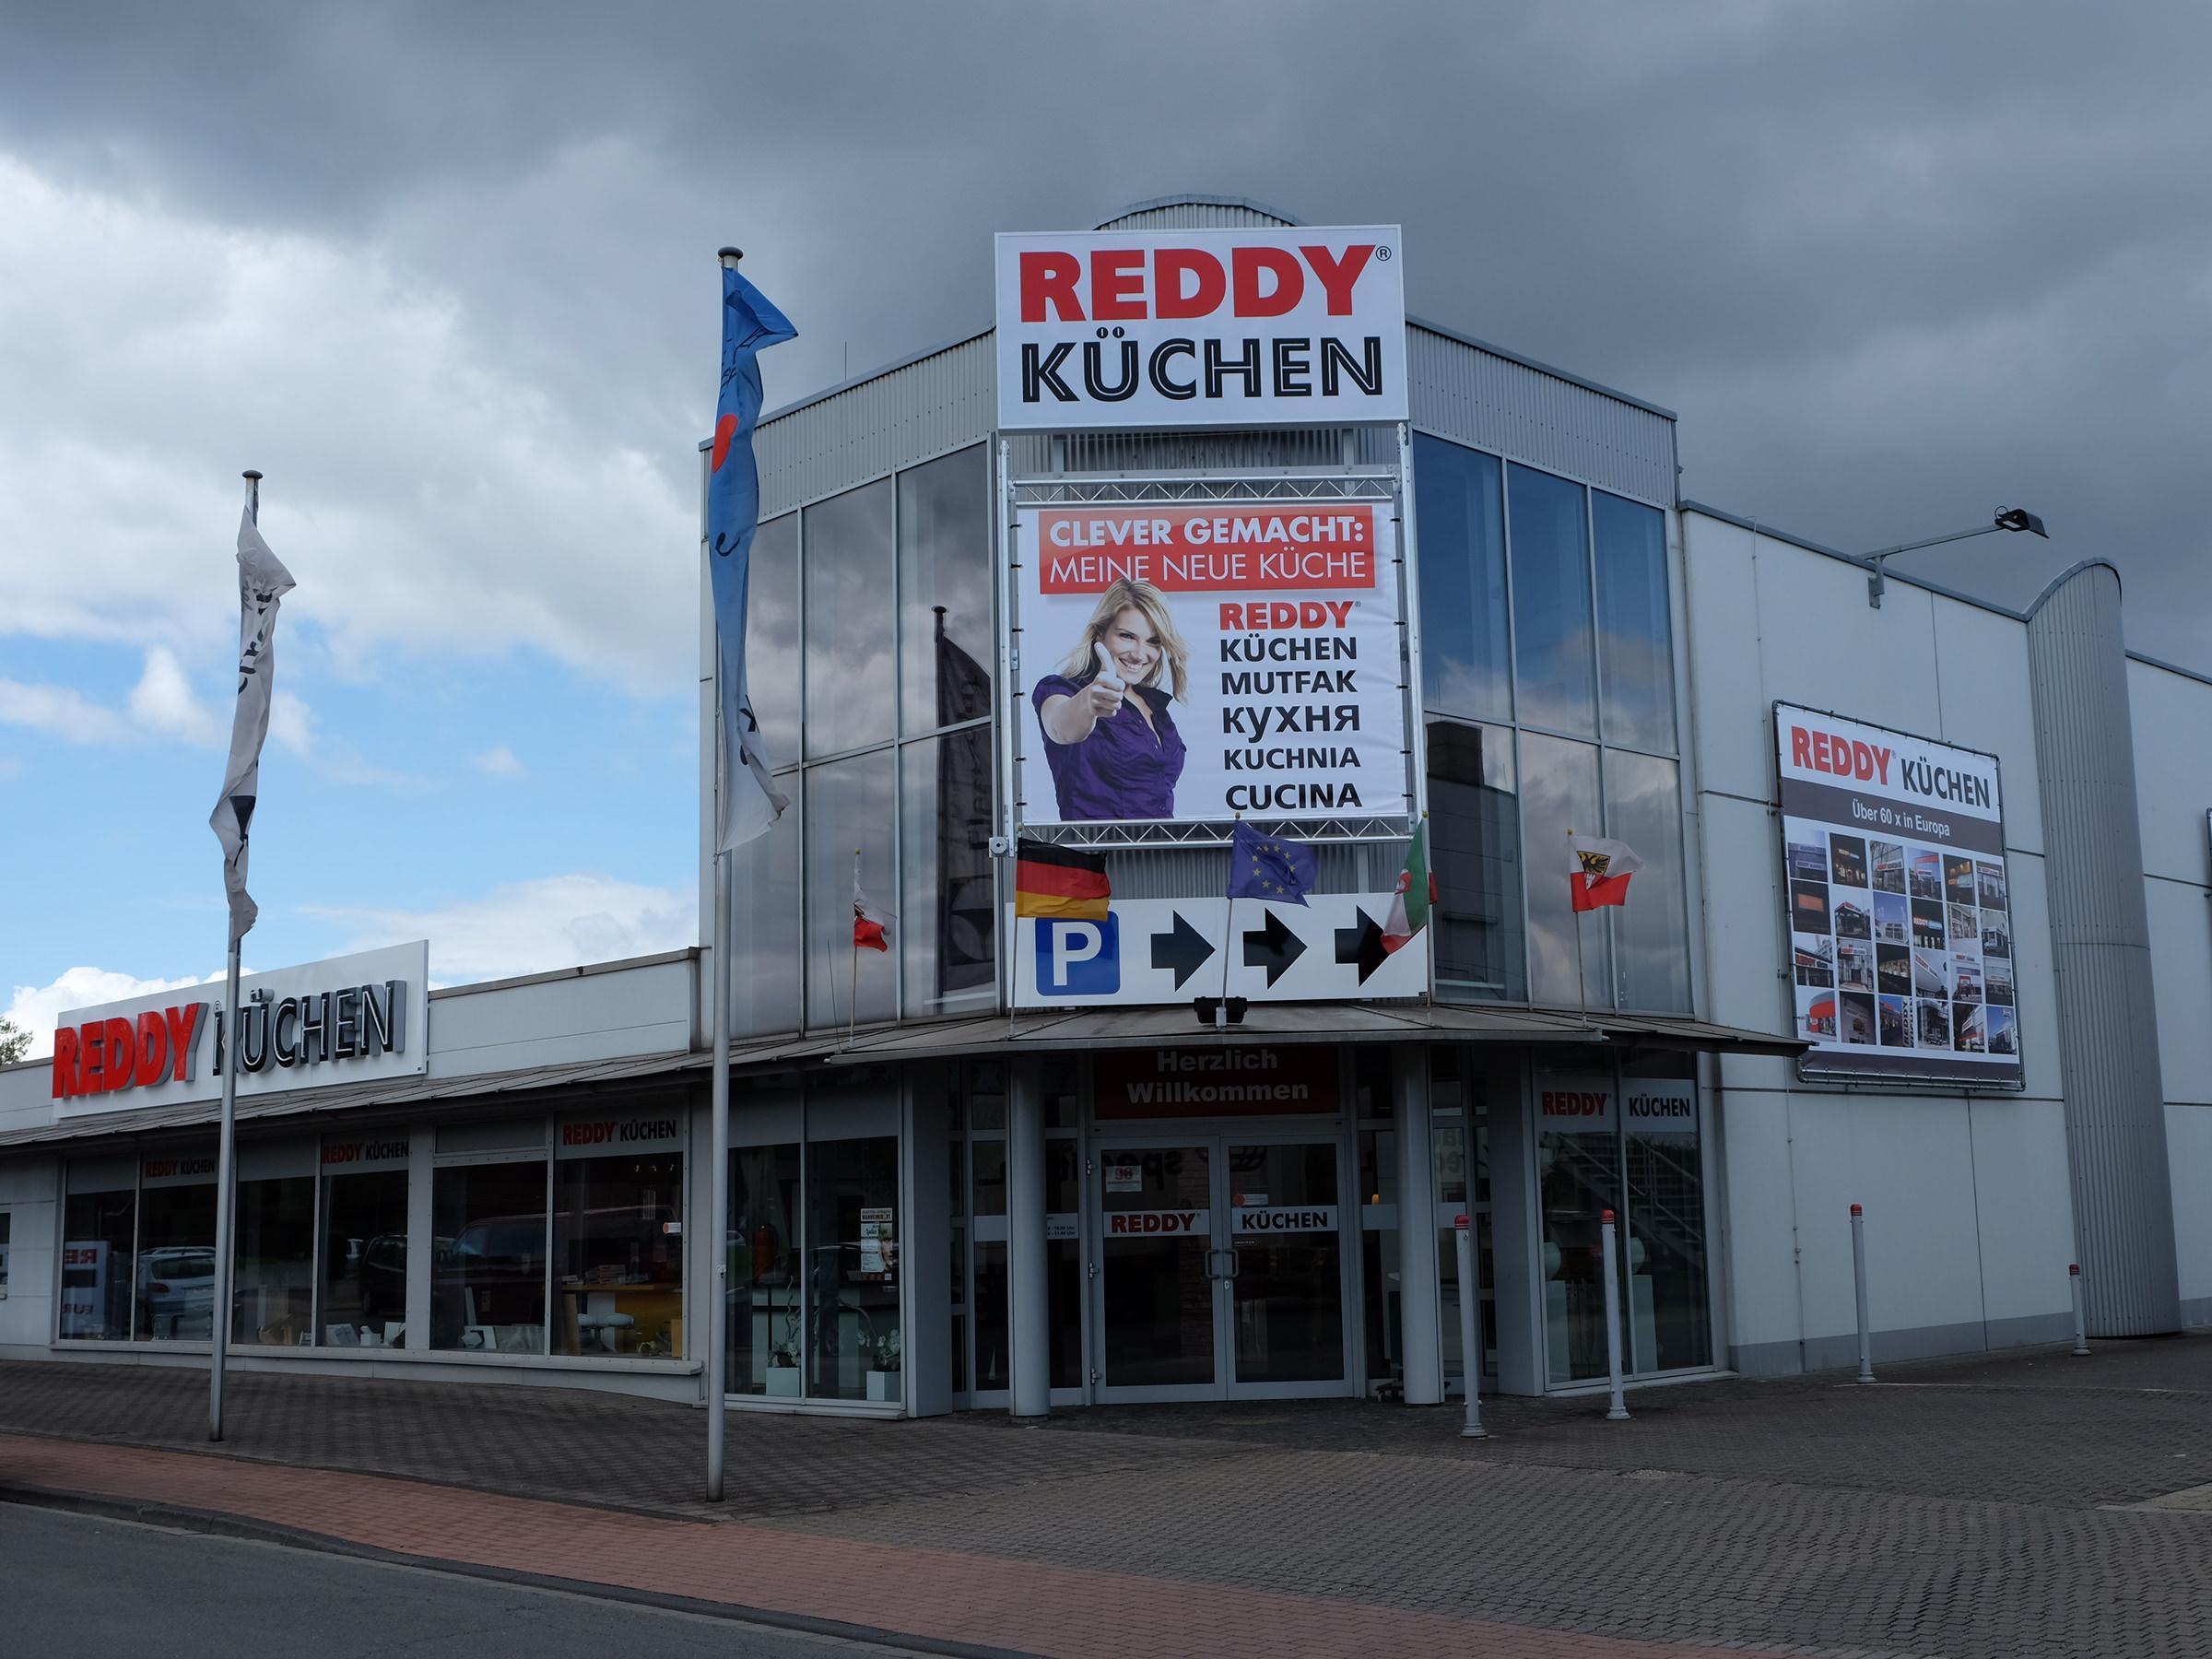 reddy k chen duisburg in duisburg branchenbuch deutschland. Black Bedroom Furniture Sets. Home Design Ideas